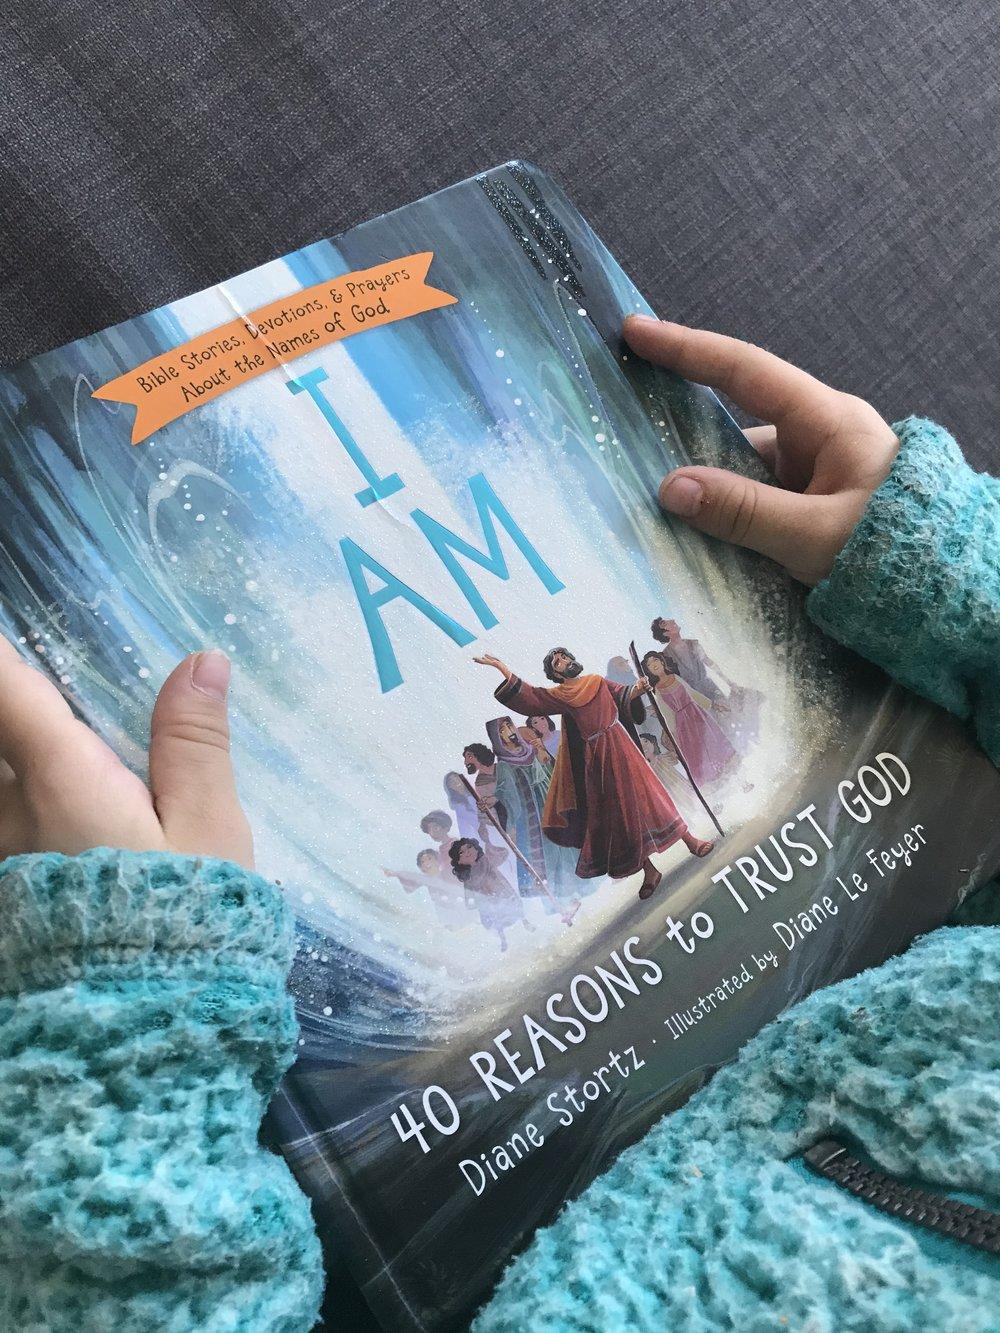 RLD I AM book review